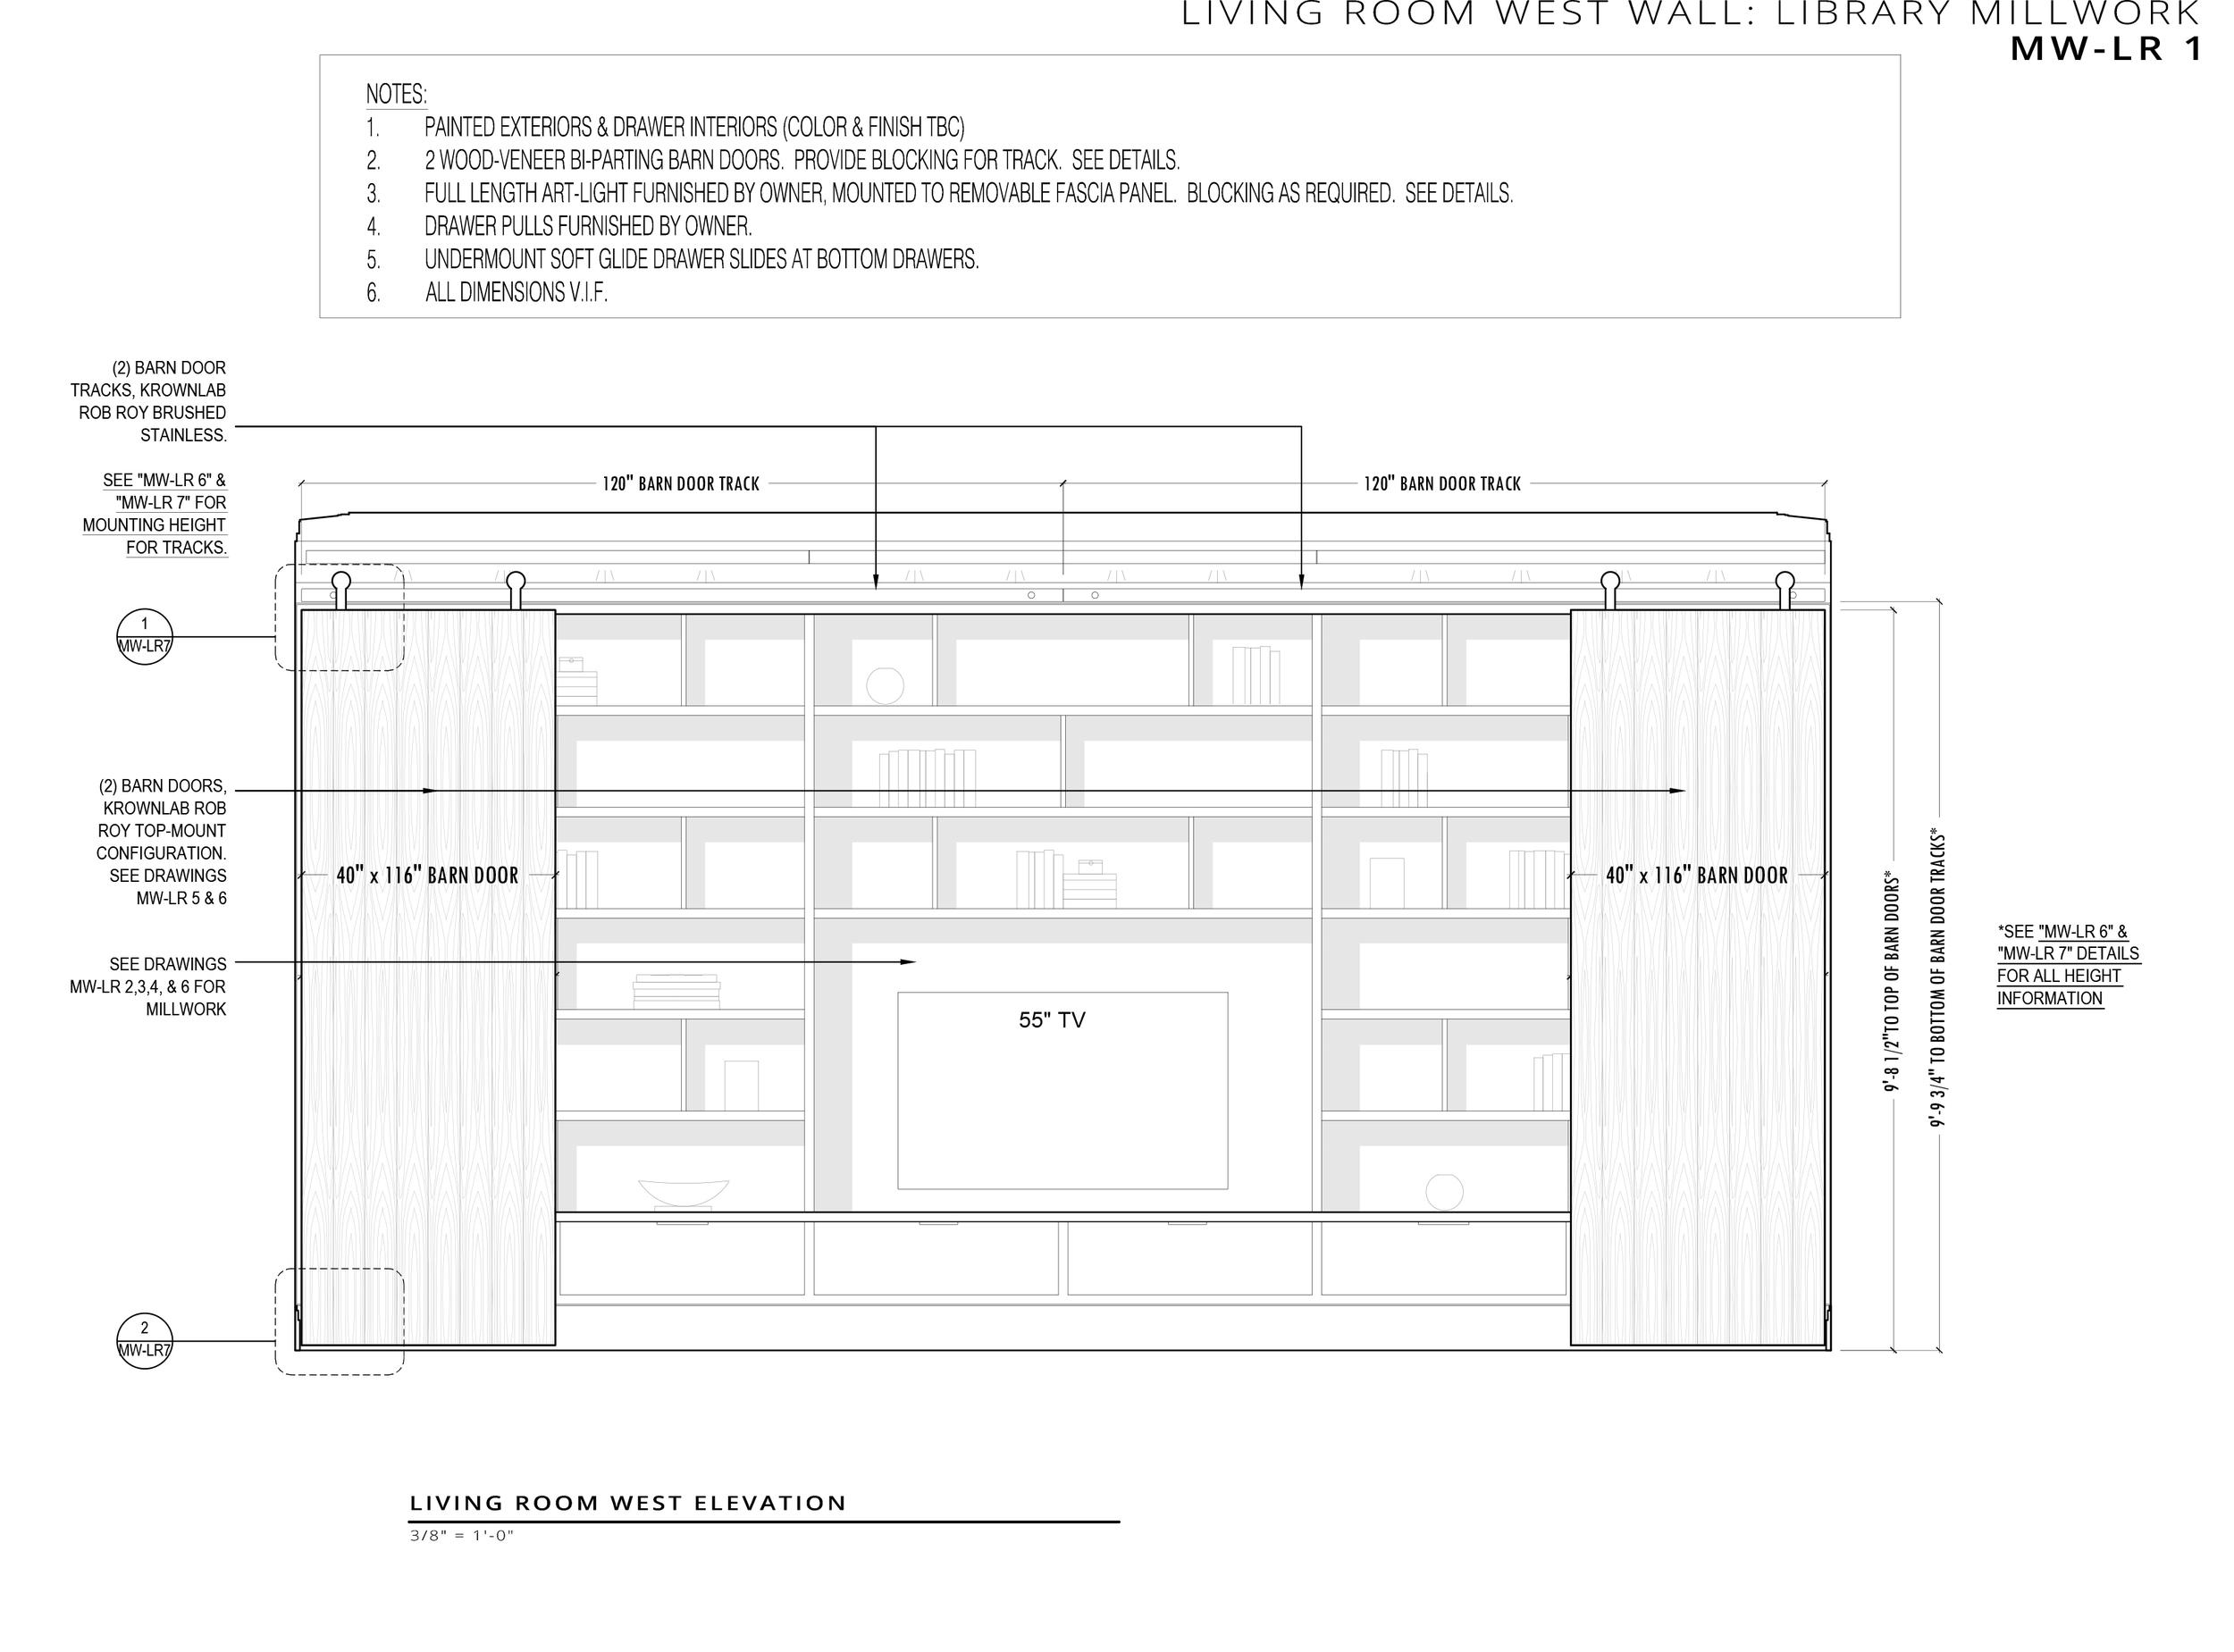 Benkiewicz CD Drawings-Millwork-Model.jpg